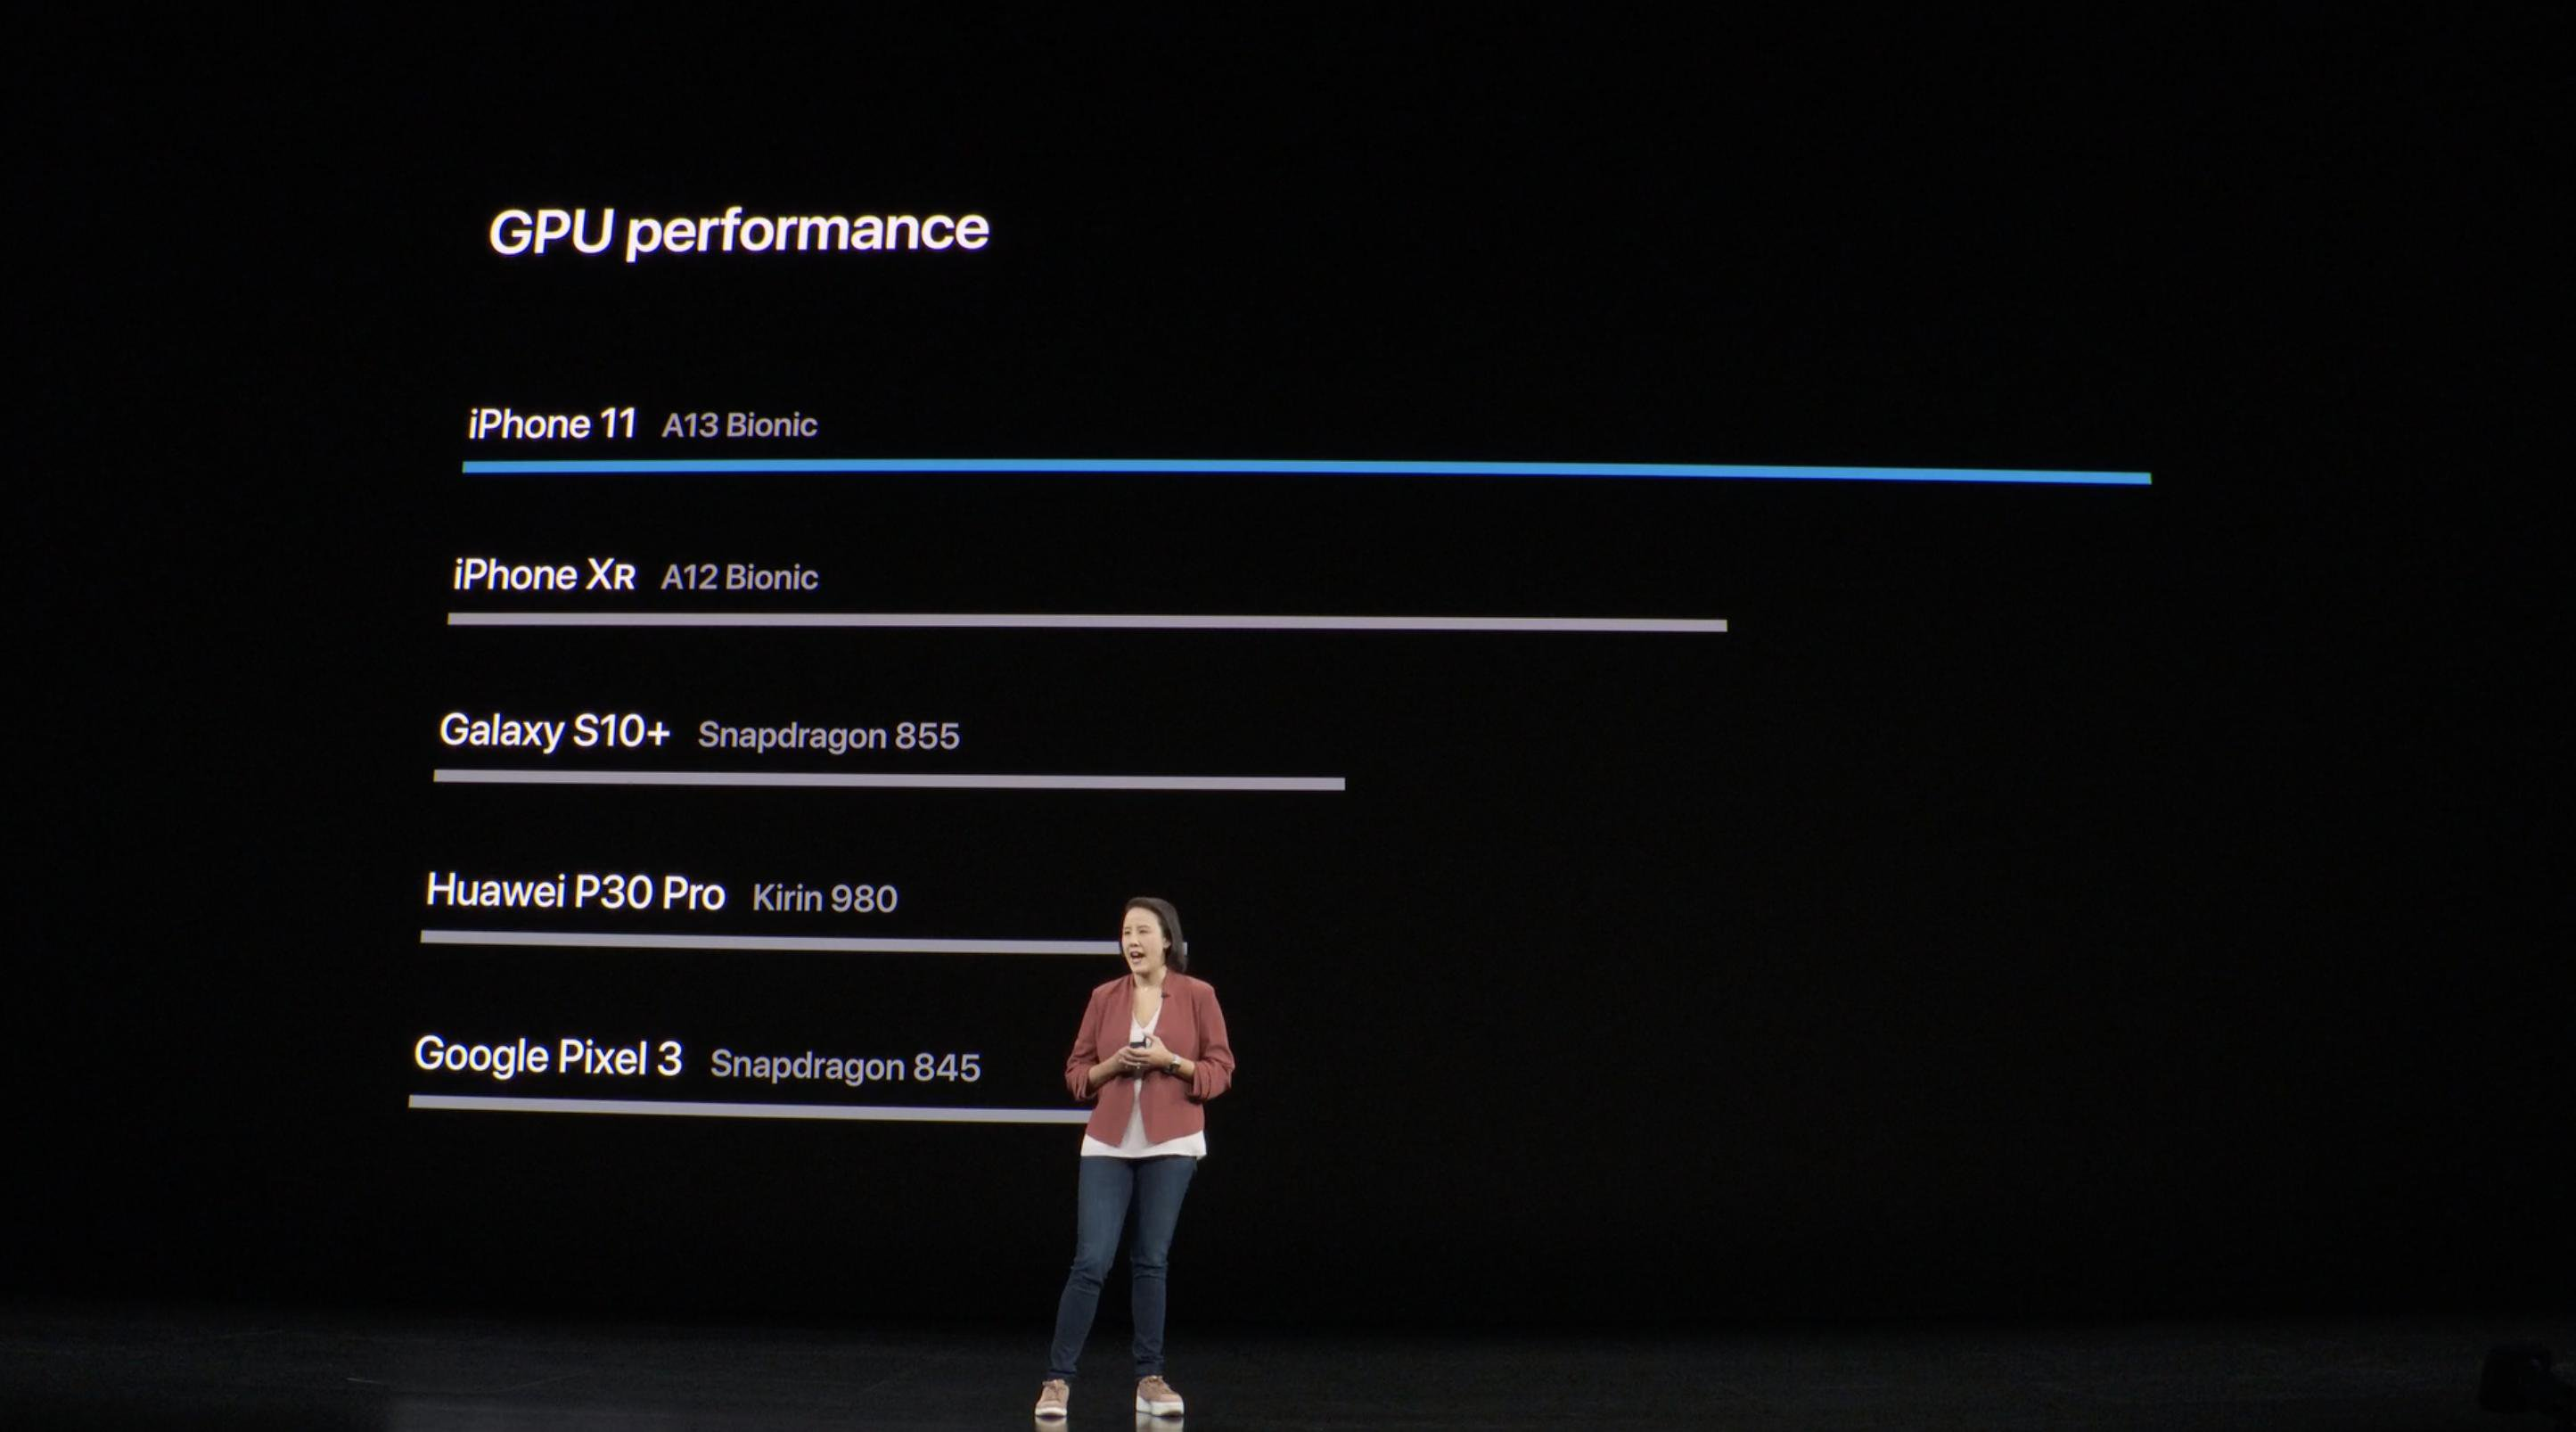 Gráfica comparativa del rendimiento y velocidad que da una GPU (chip gráfico) de Apple comparada con la competencia y el A12 (Keynote)